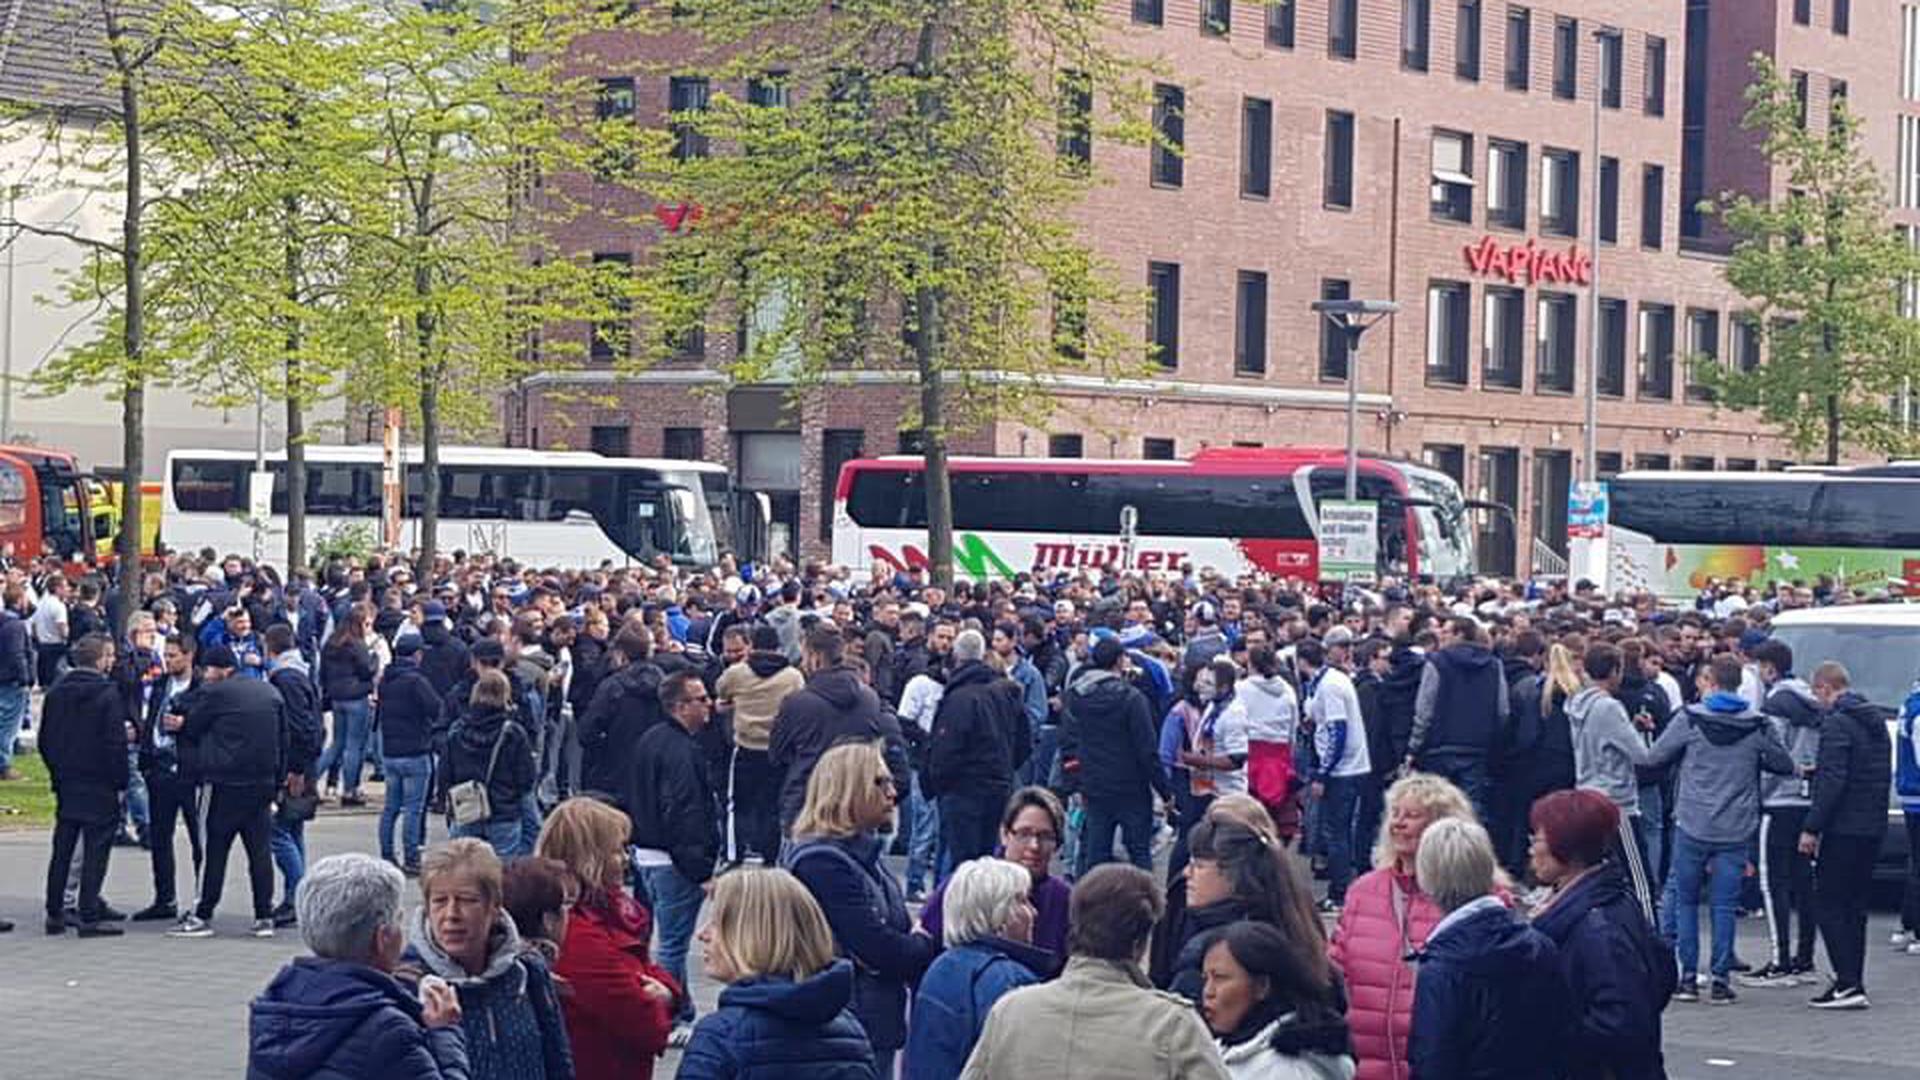 Zahlreiche Fans auf dem Münsterplatz kurz vor dem Marsch ins Stadion.